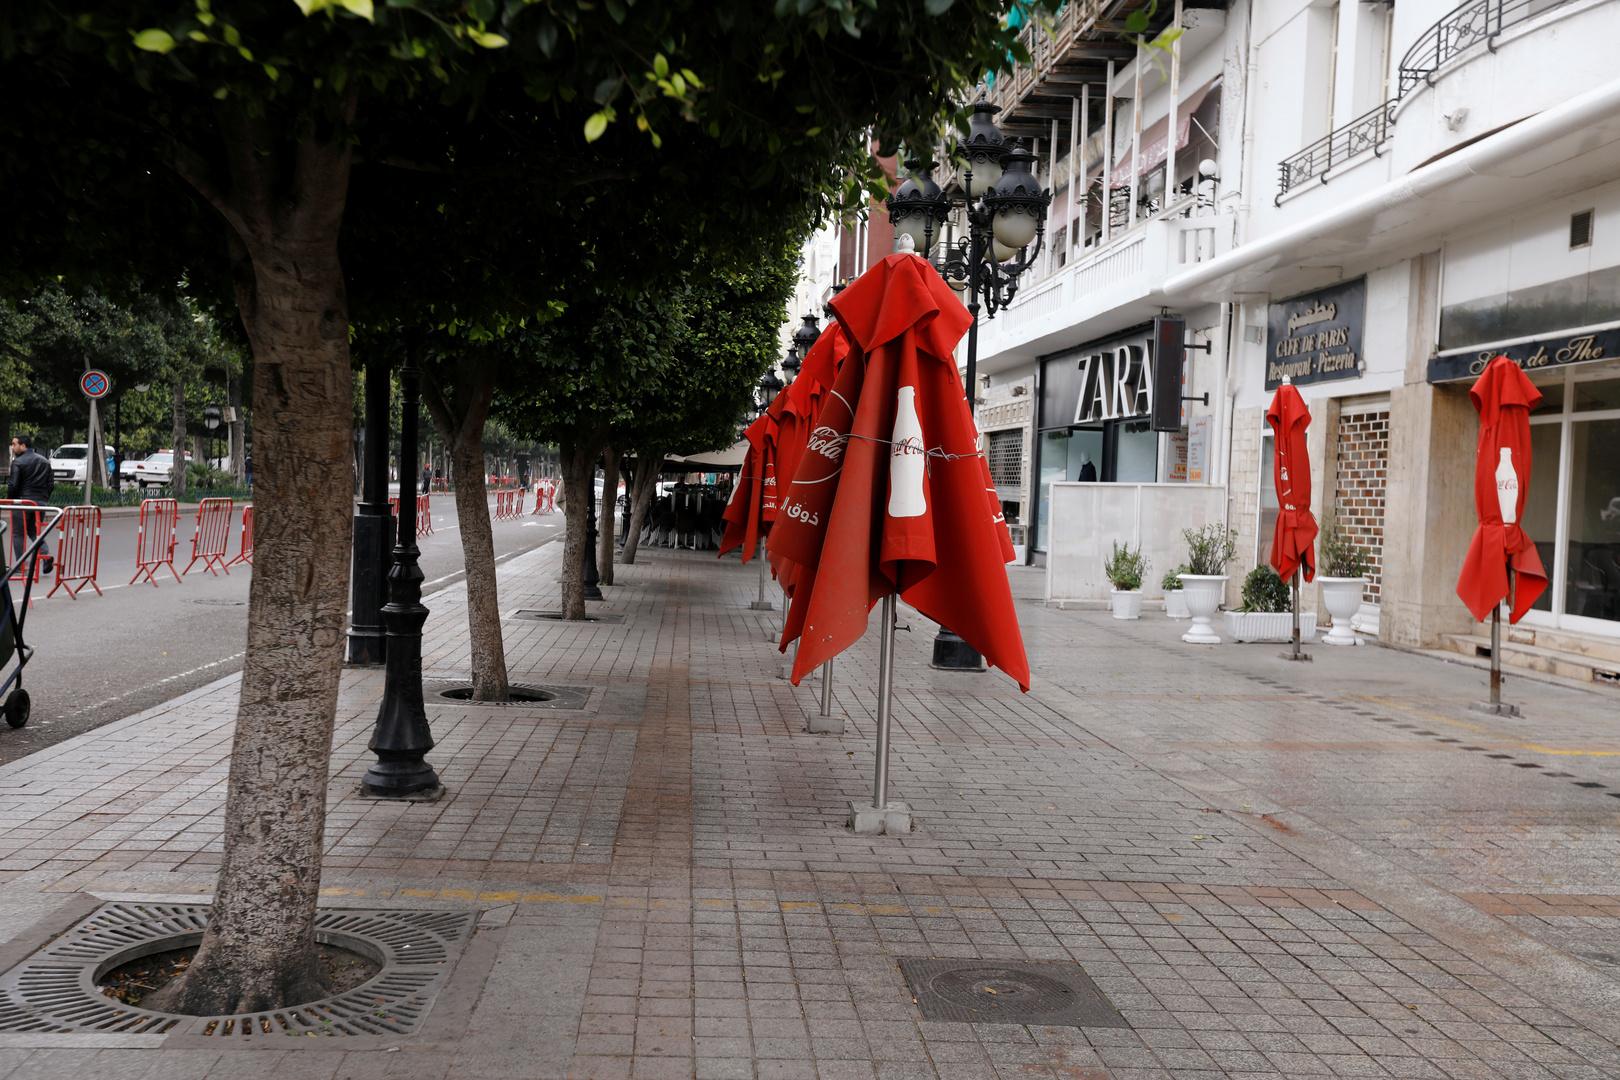 تونس..18 وفاة و575 إصابة جديدة بفيروس كورونا